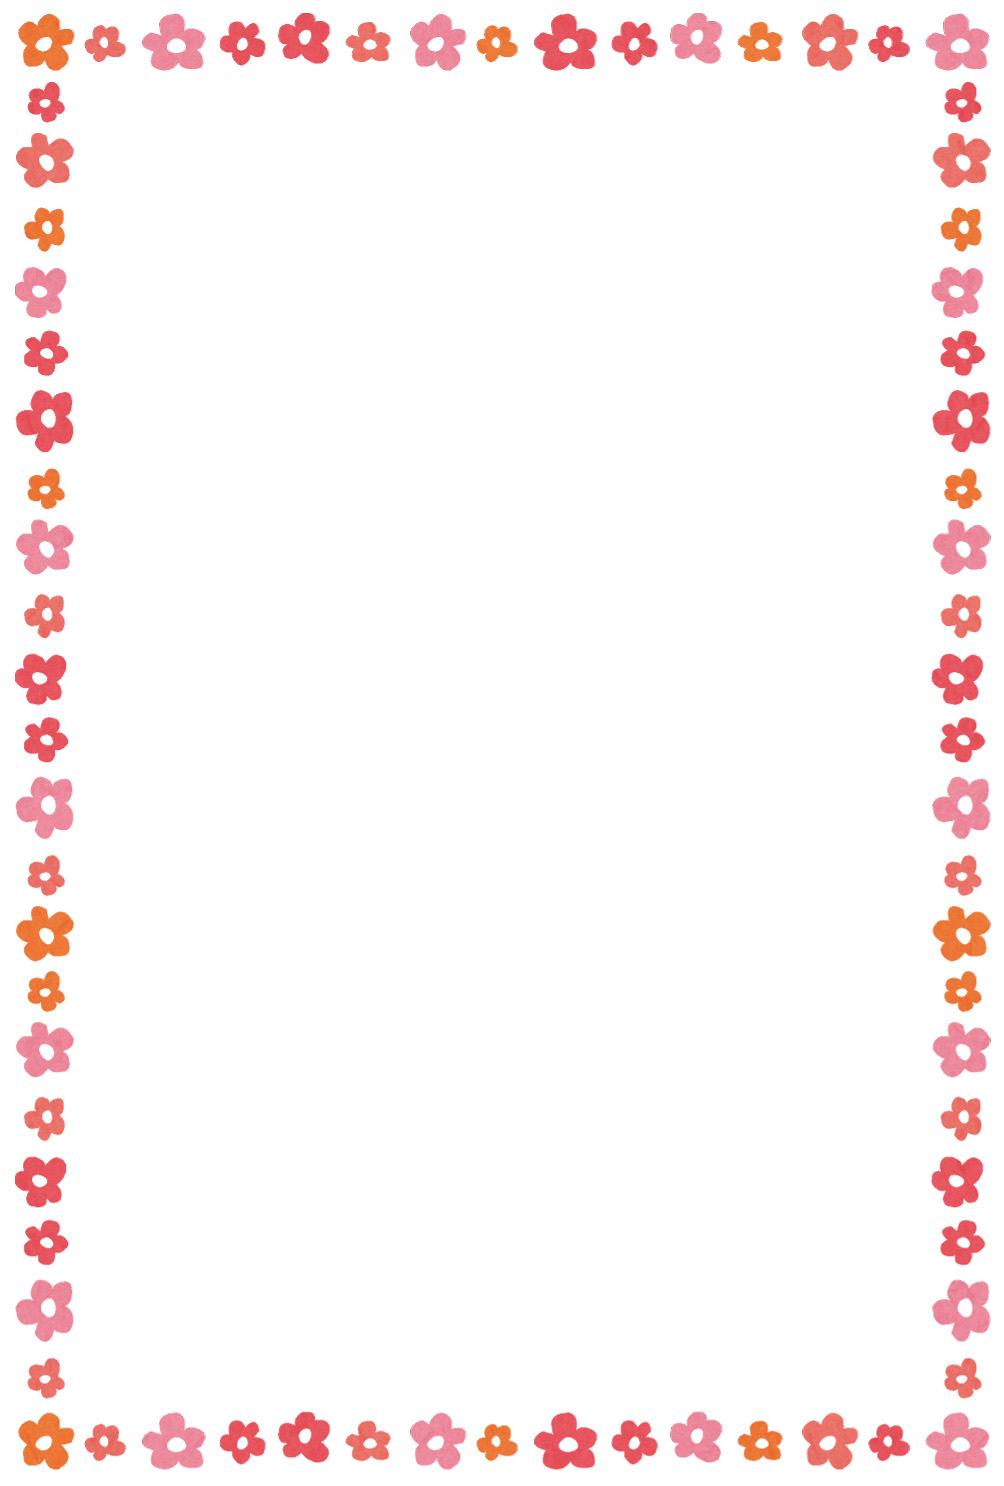 花のイラストフレーム(枠) | かわいいフリー素材集 いらすとや